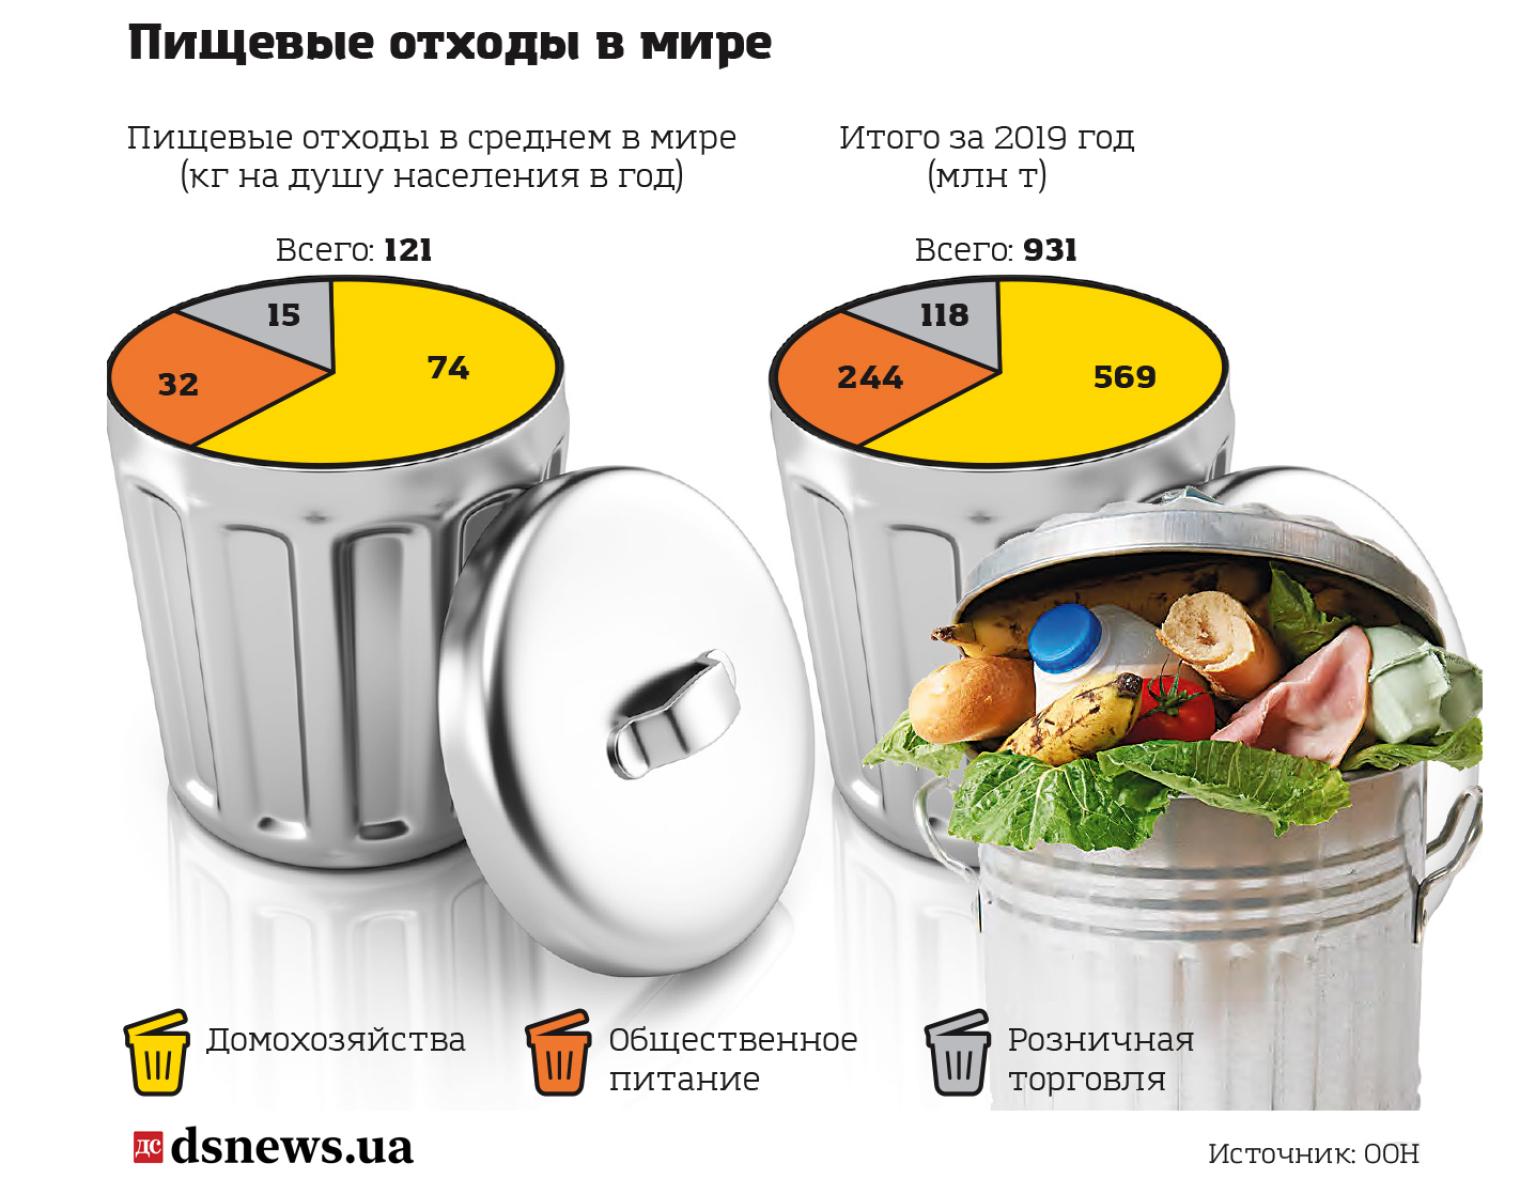 Пищевые отходы в мире